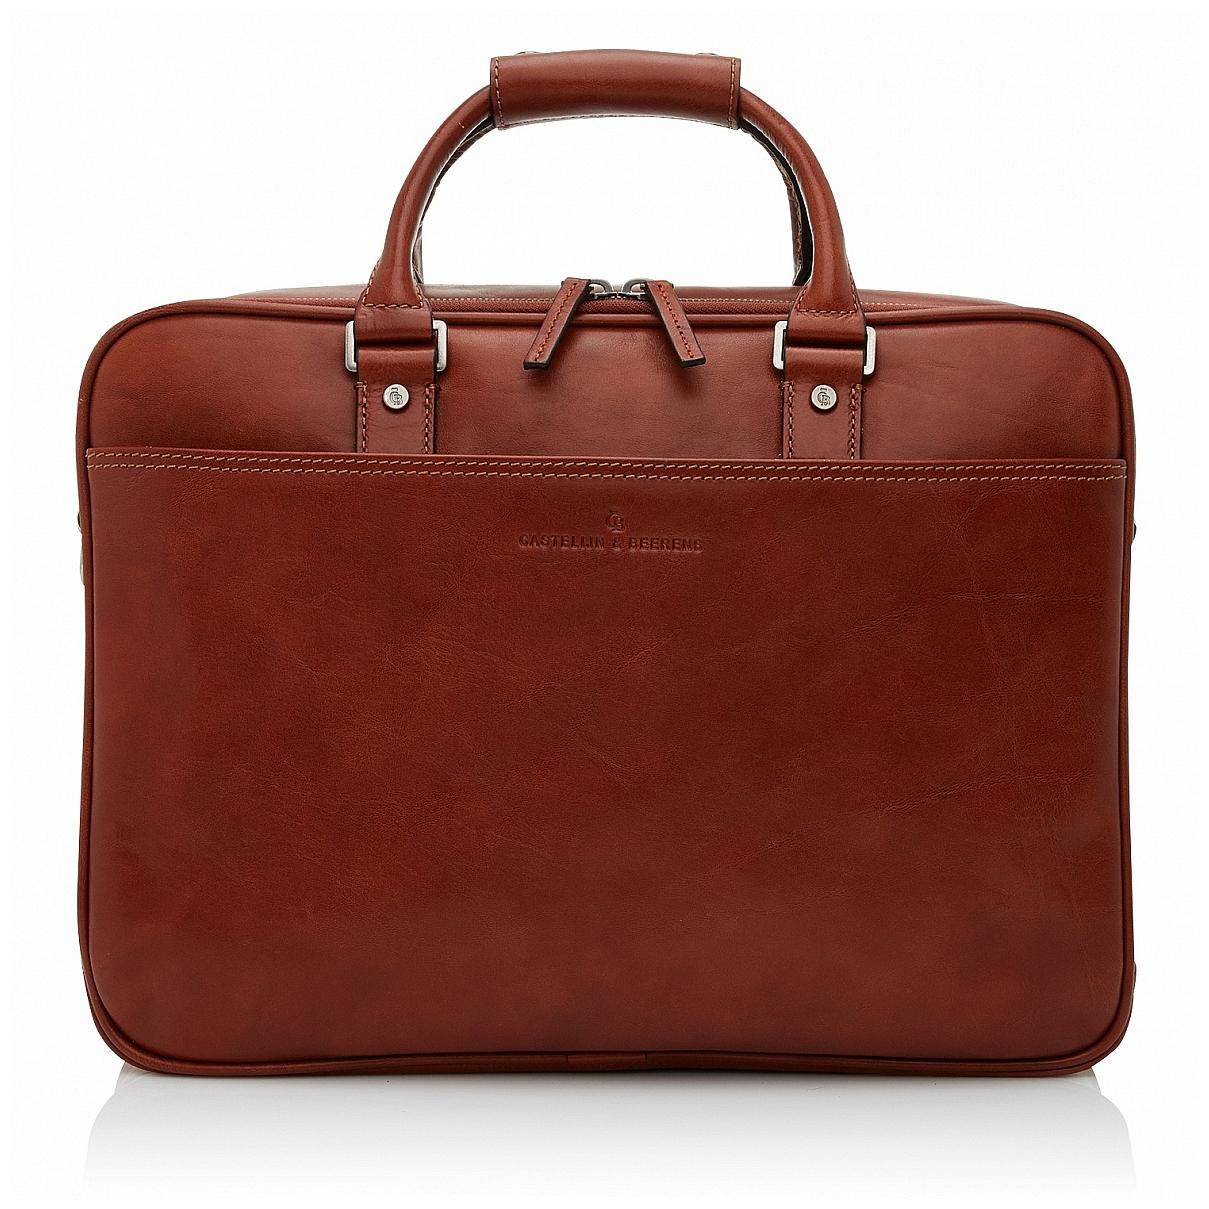 Castelijn & Beerens Kožená taška na notebook a tablet 689476 světle hnědá